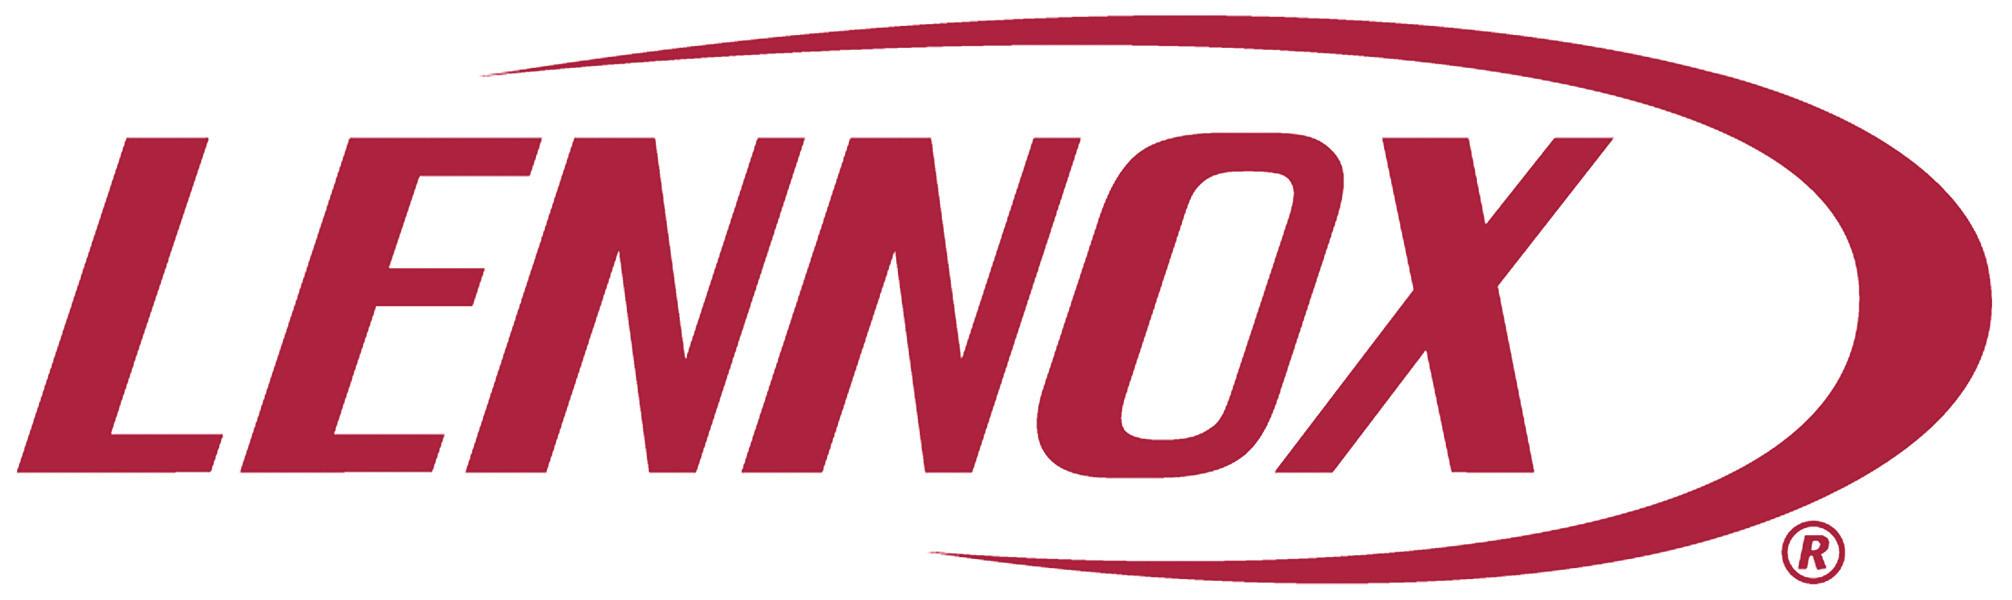 LENNOX_HVAC_Logo_RGB.jpg